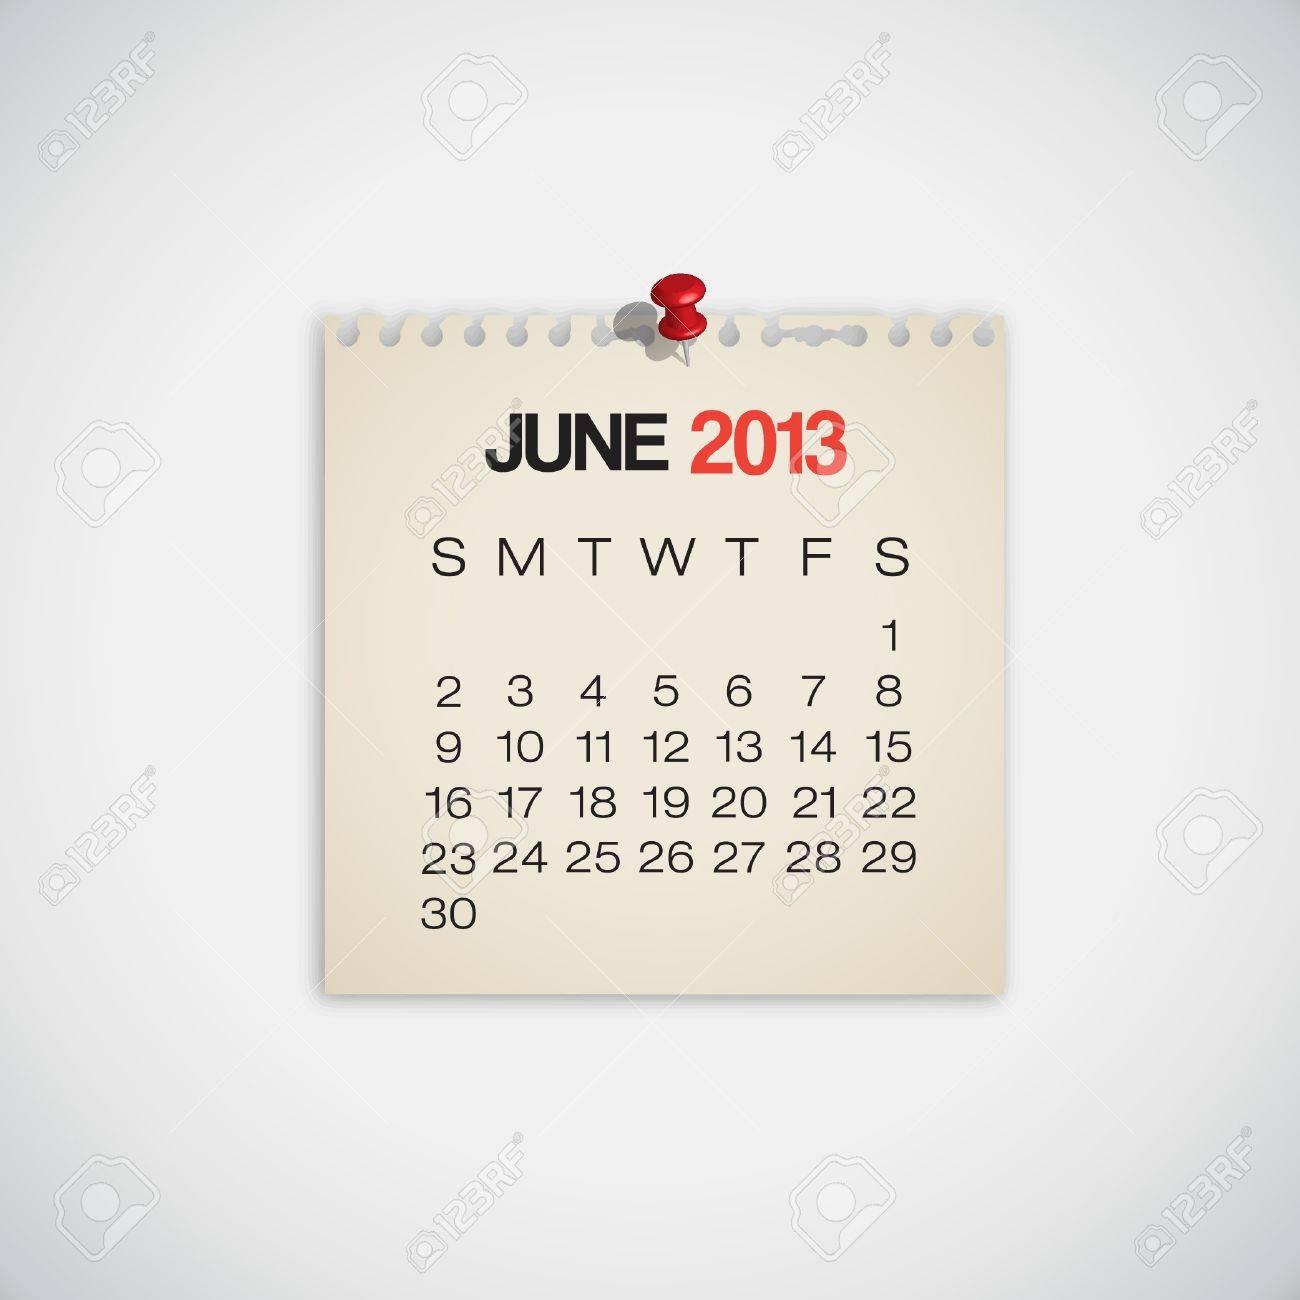 2013 Calendar June Old Torn Paper Vector Stock Vector - 16173413